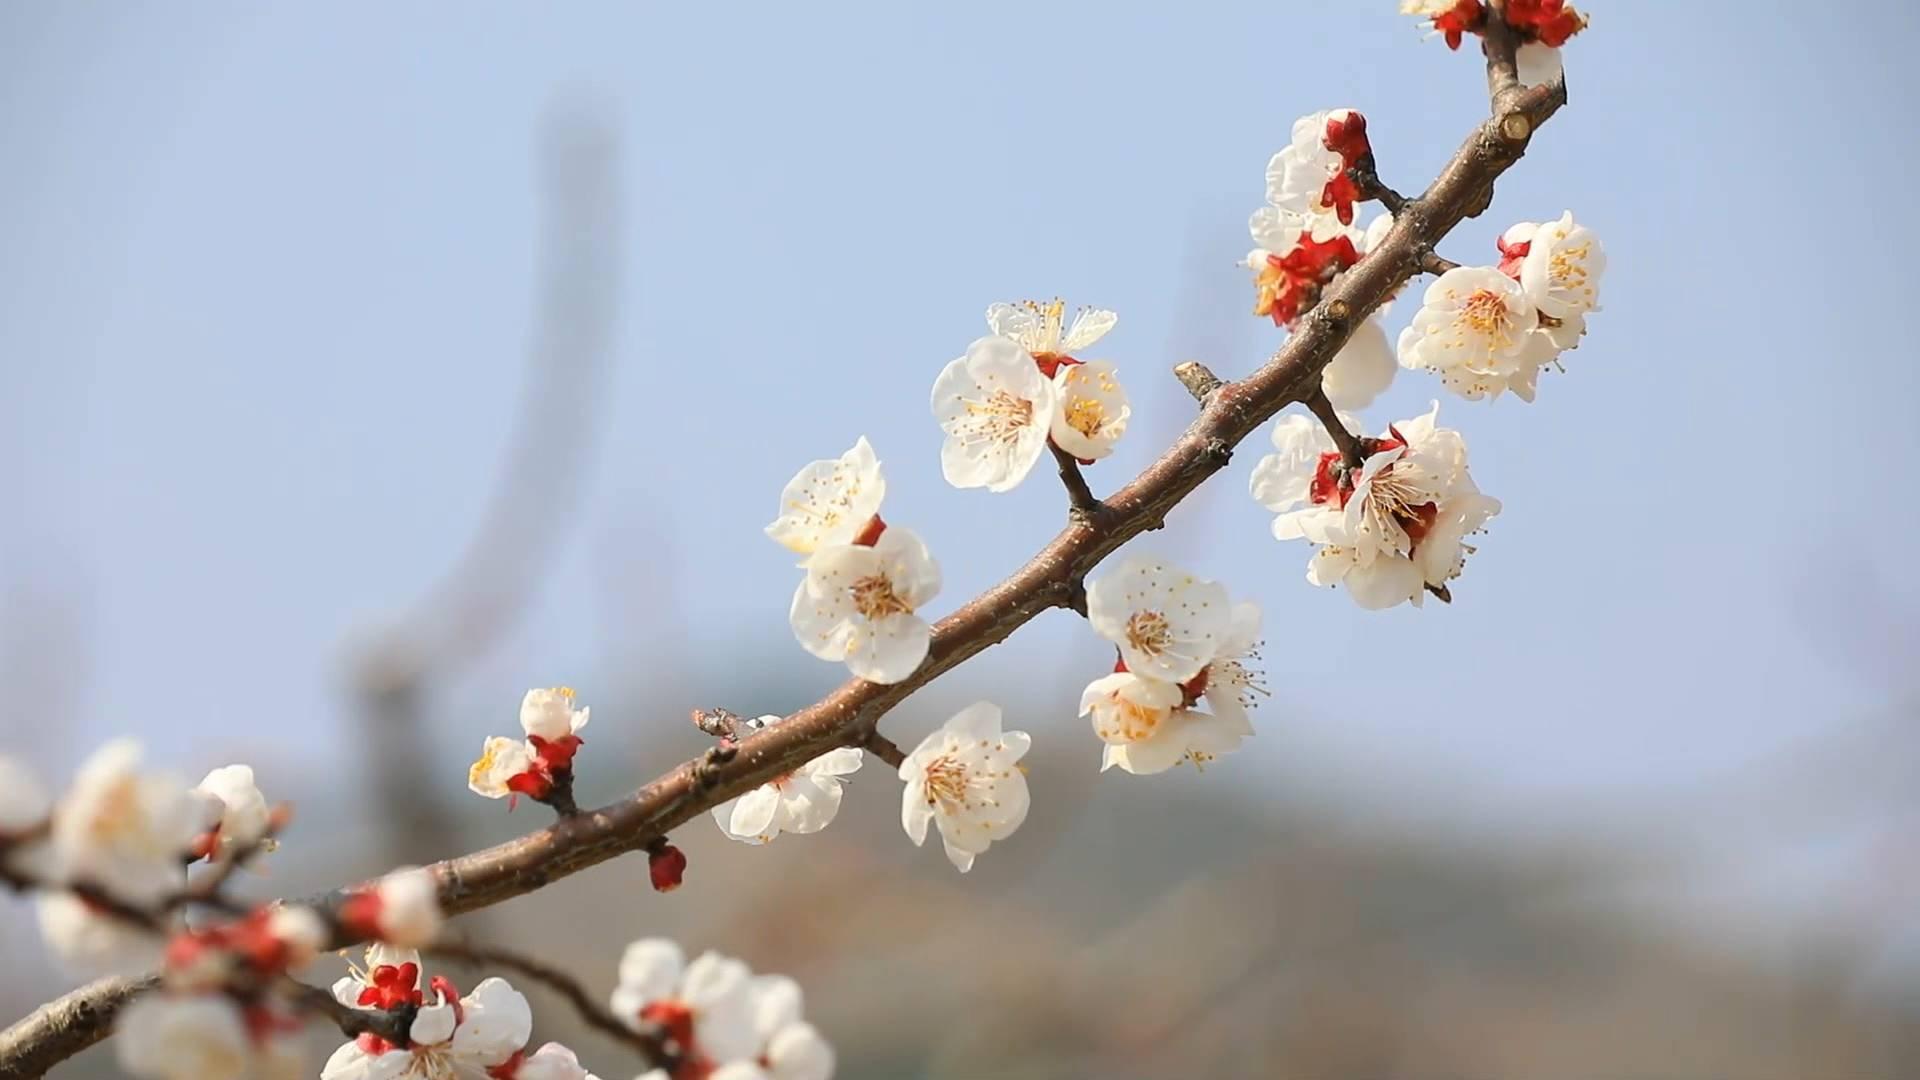 拥抱春天丨三月春风暖 临沂万亩杏花惹人醉